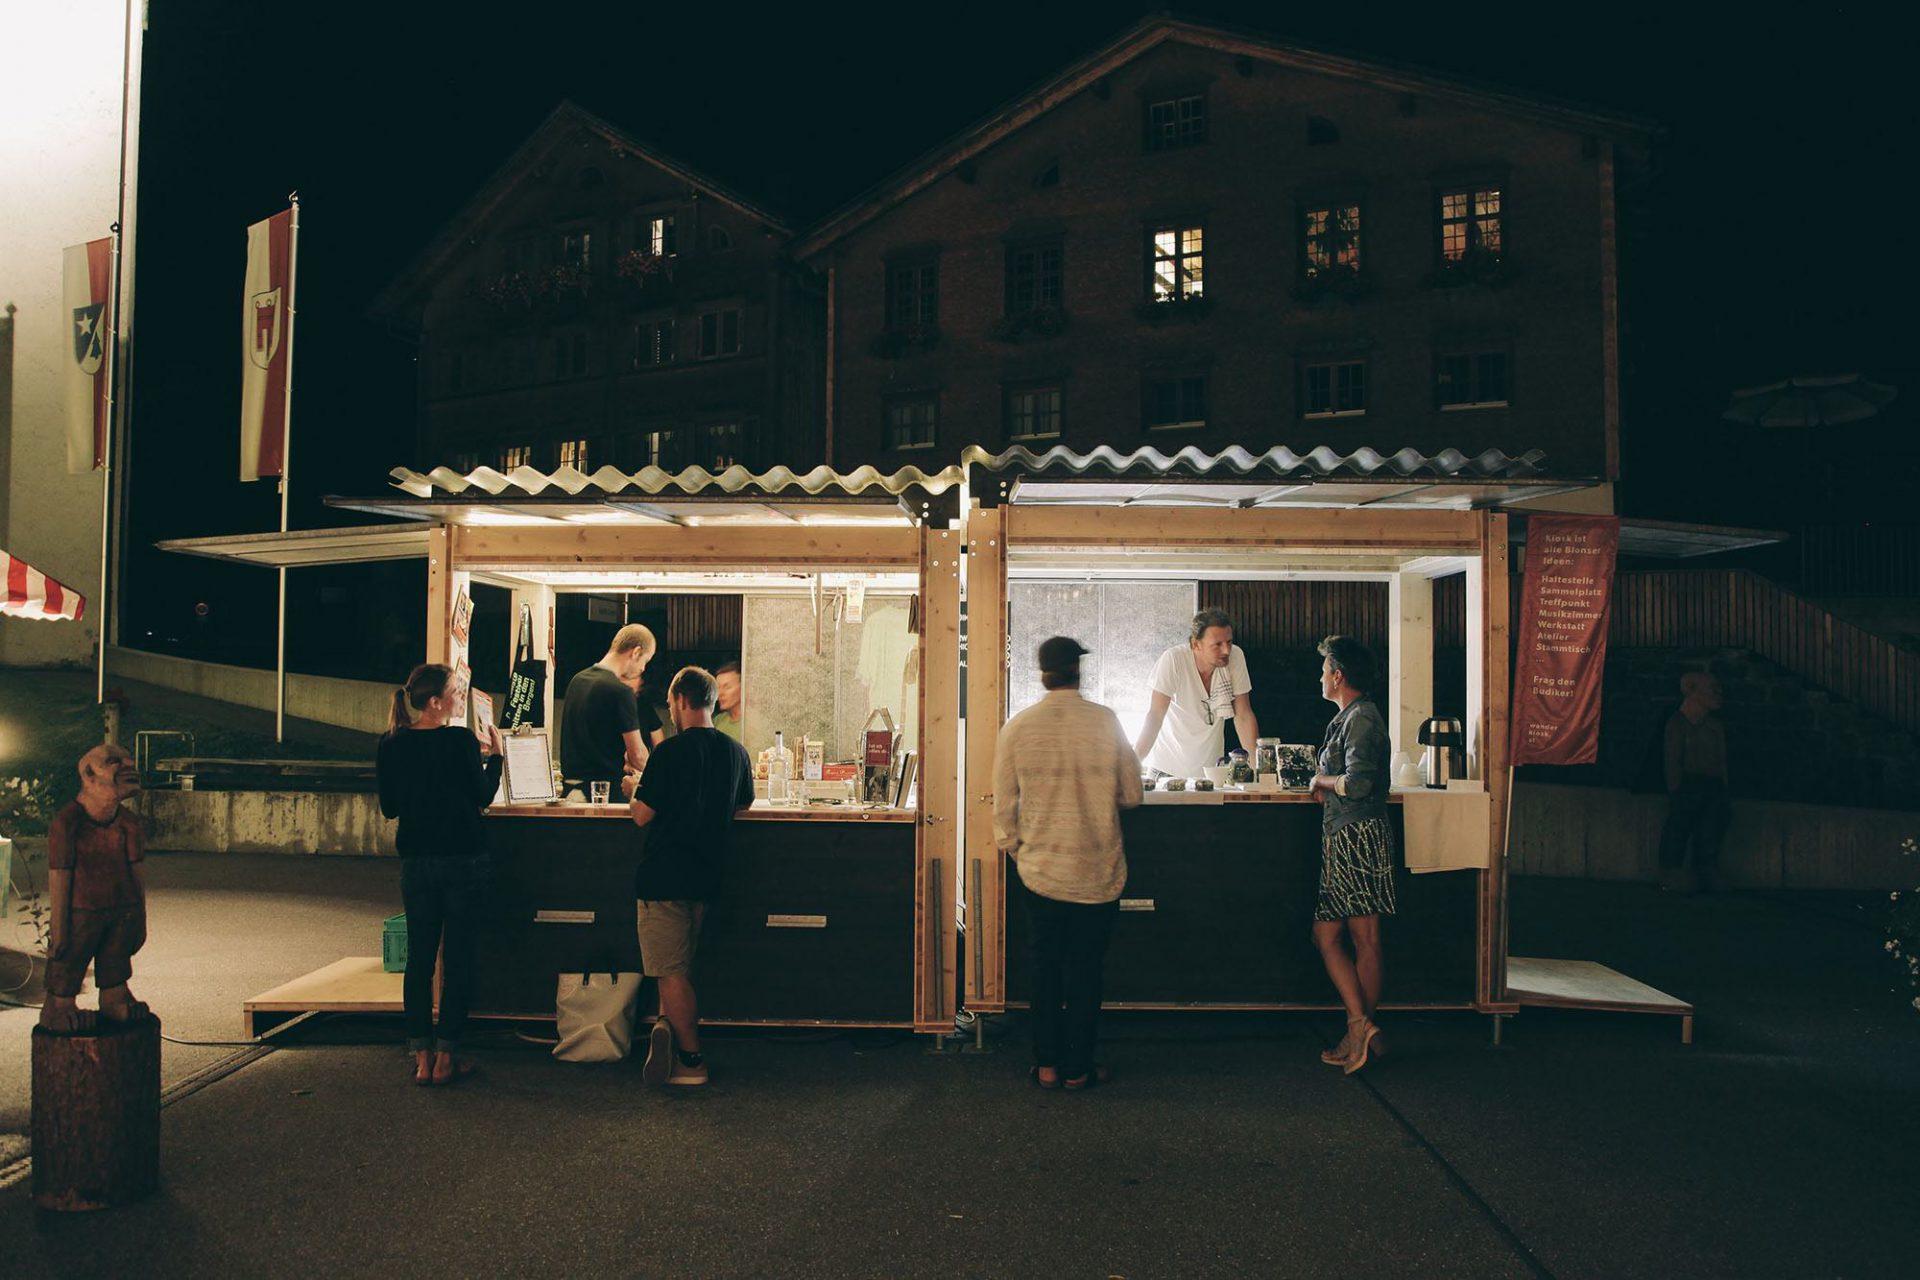 Wanderkiosk Blons. Die erste Haltestelle des Kiosk° wird beim Walserherbst auf dem Dorfplatz Blons im Großen Walsertal sein. Der temporäre Kiosk mit kleiner Verkaufsfläche soll auch Mittelpunkt für Kleinkunst-Veranstaltungen sein.